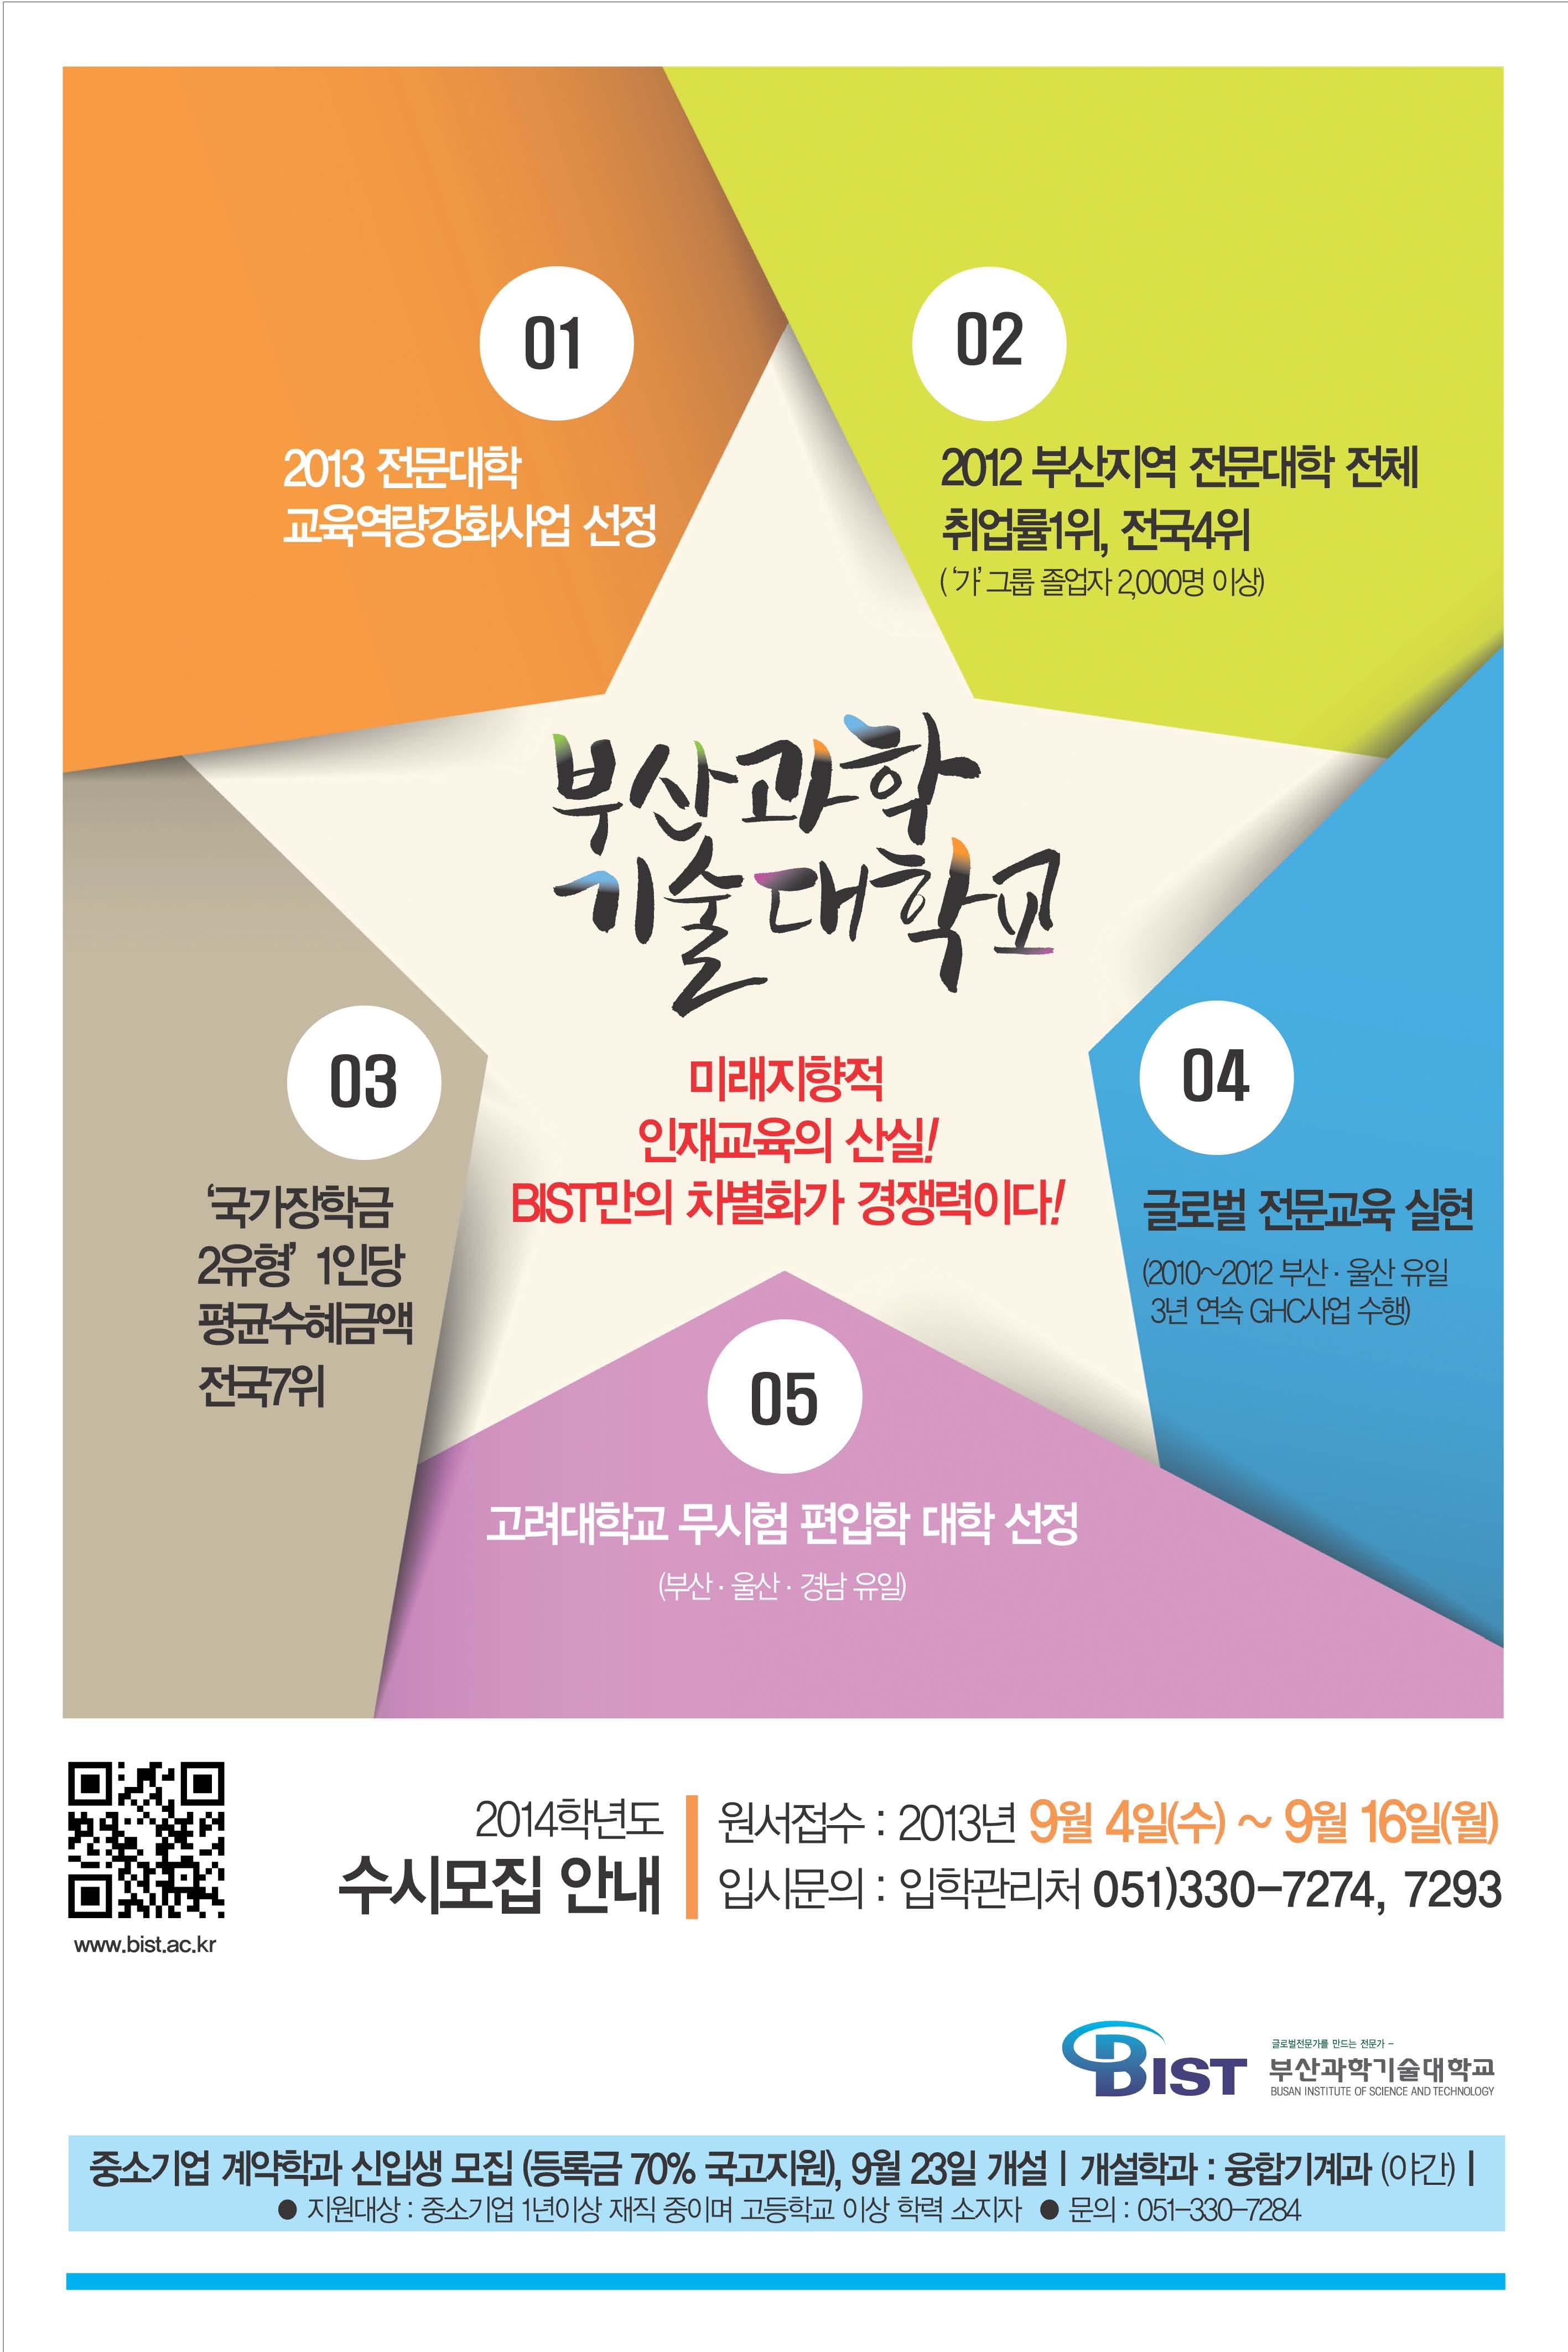 2013 신문 전면 광고